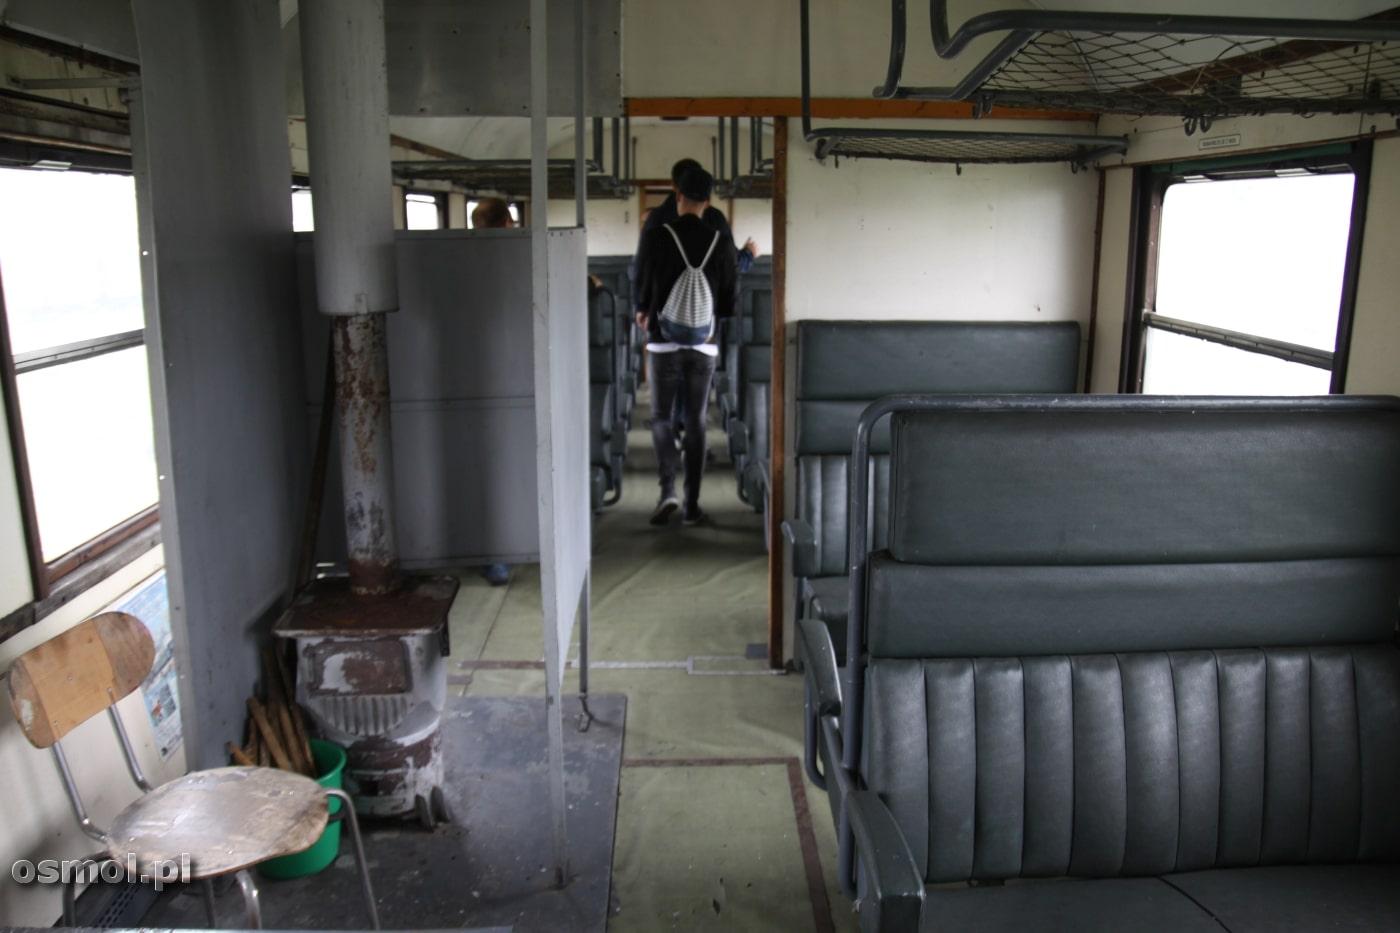 Takich wagonów z piecykiem na węgiel w środku już nie pamiętam, a przecież jeszcze kilkadziesiąt lat temu przemierzały także polskie szlaki kolejowe.